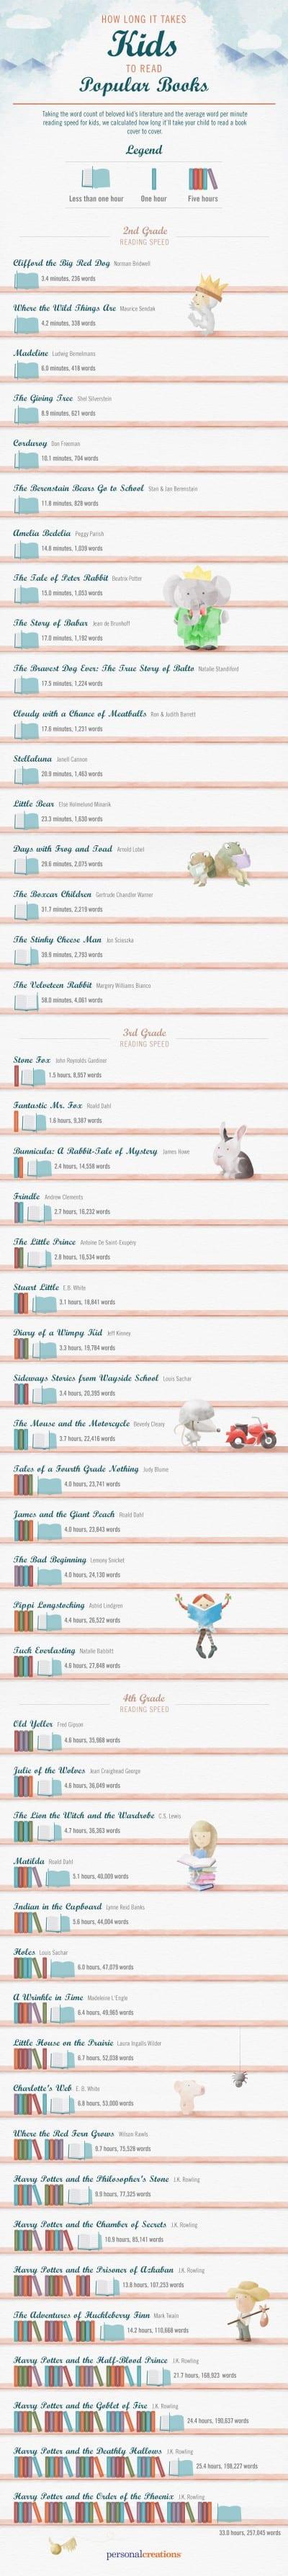 Infografía libros infantiles